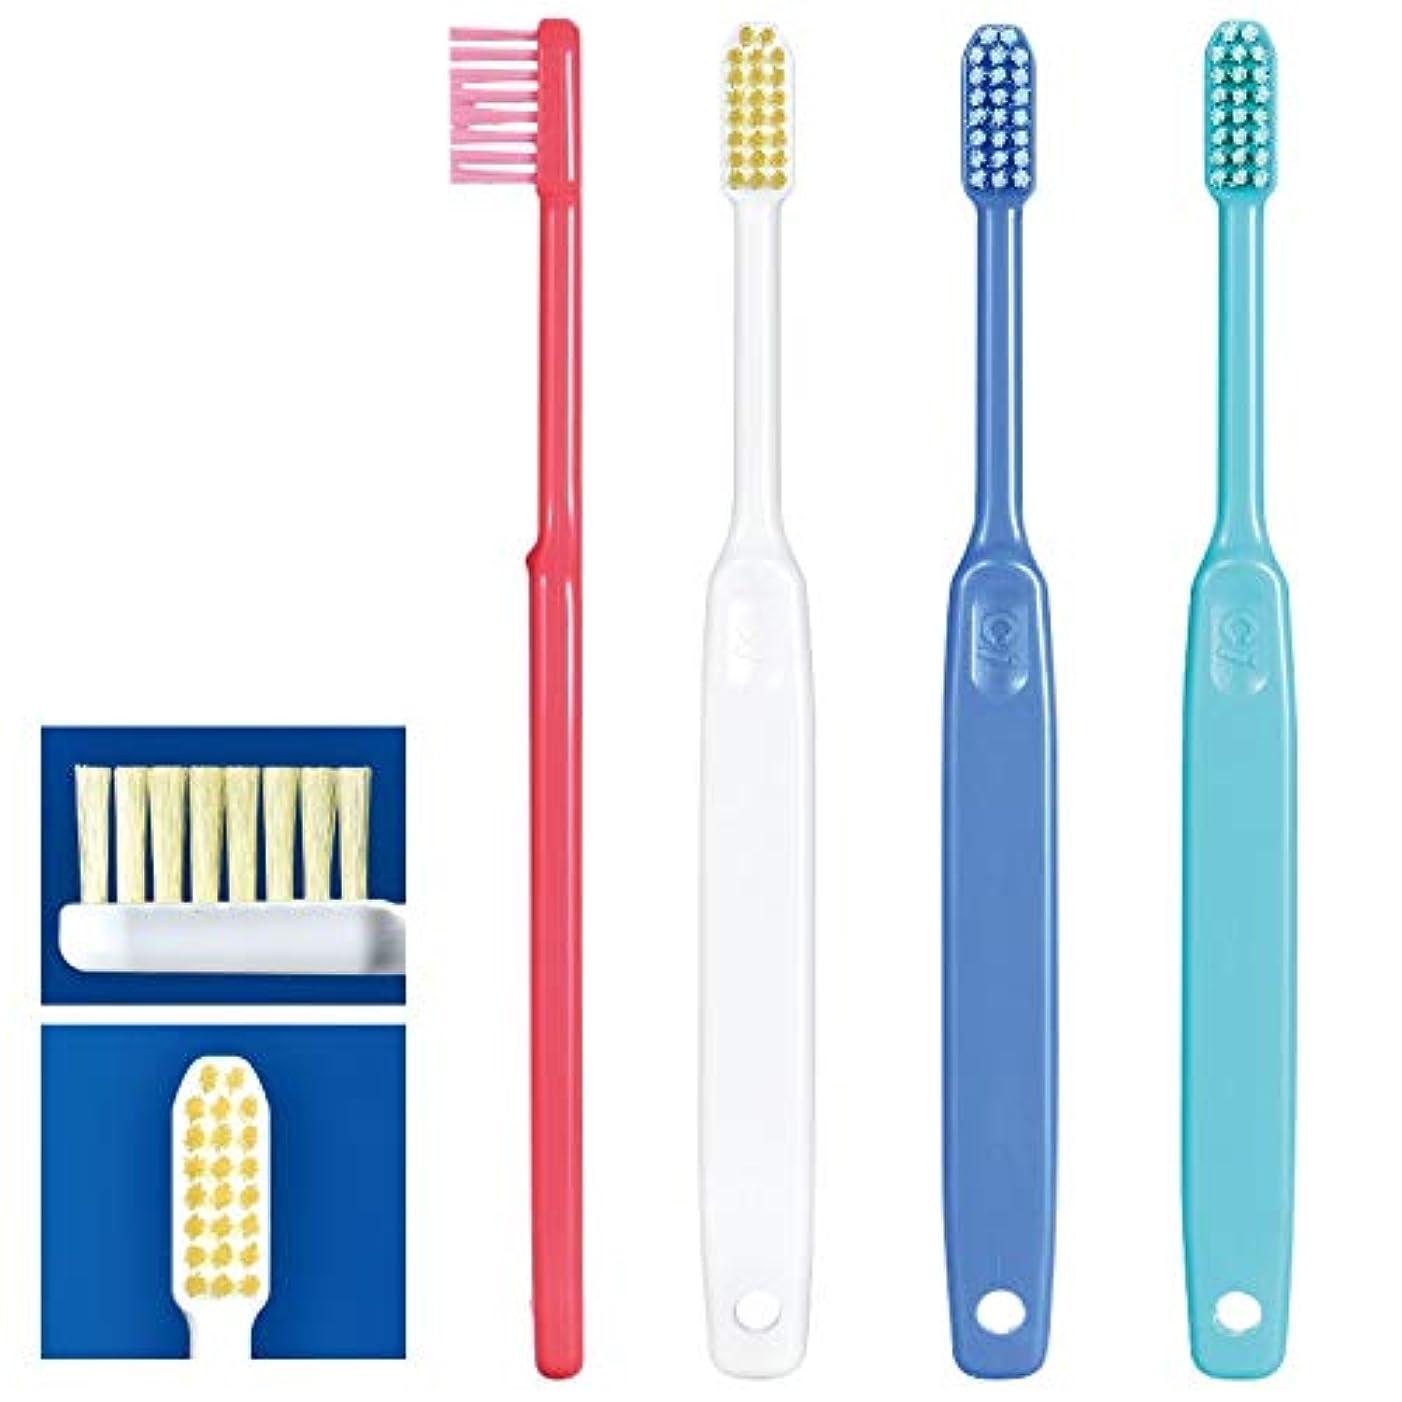 経歴意気込み着陸Ci20カラー歯ブラシ 20本 MS(やややわらかめ) 日本製 カラー毛 高密度植毛 歯科専売品